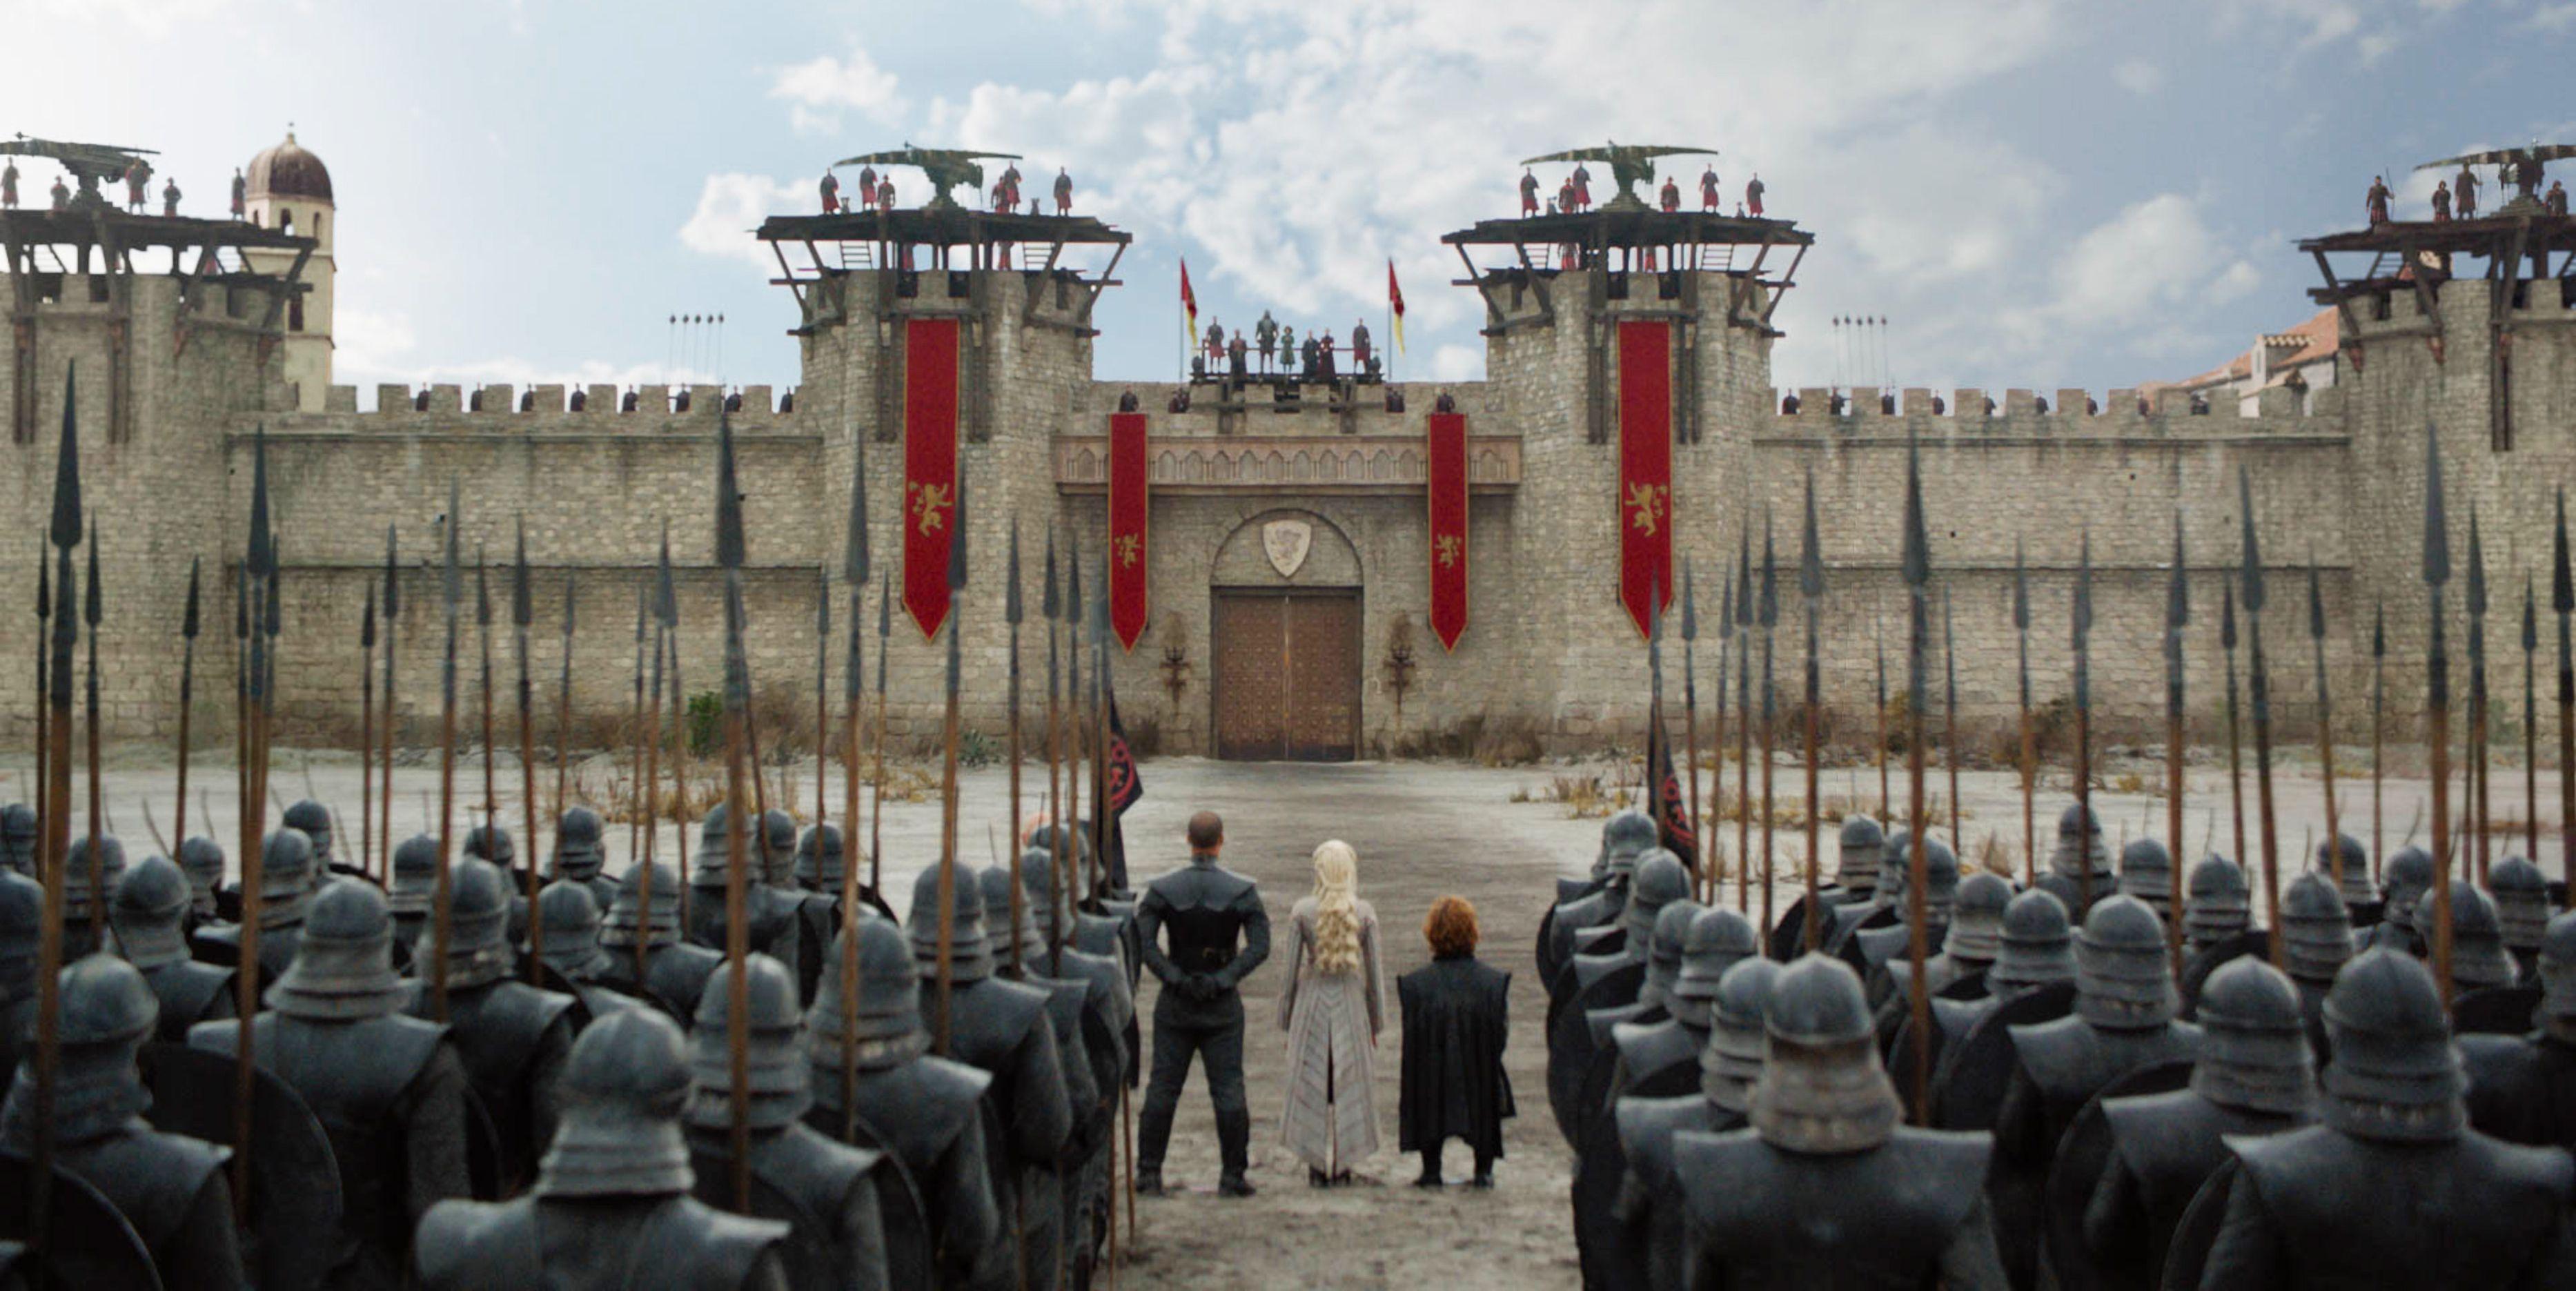 Game of Thrones, Season 8, Episode 4, King's Landing